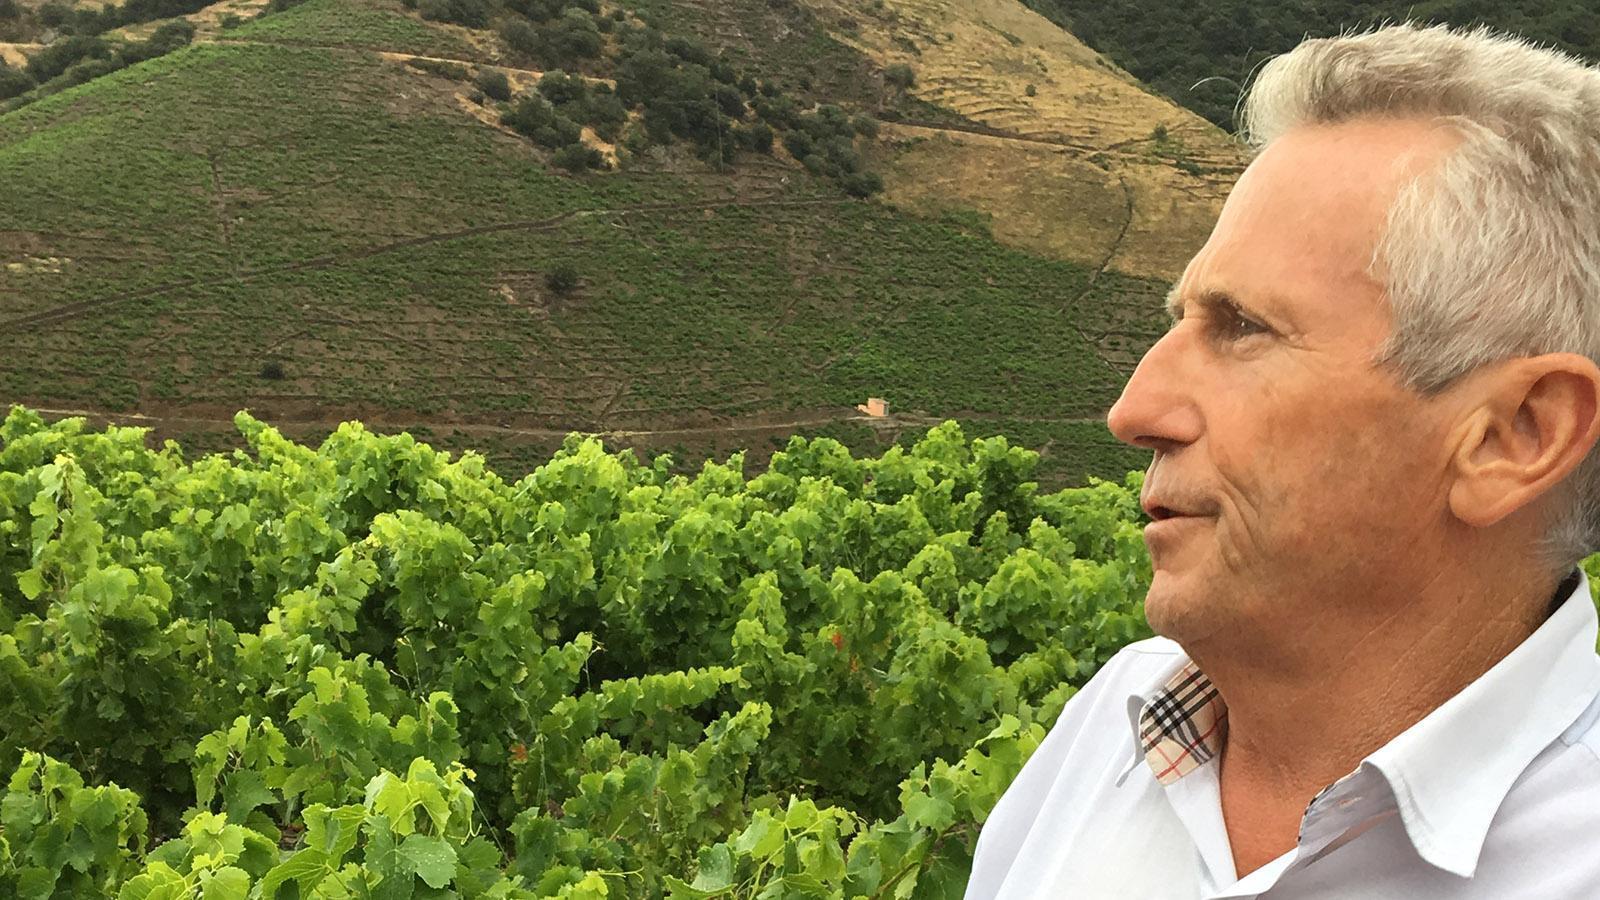 Jean-Michel Solé, Bürgermeister von Banyuls, in den Weinbergen der Côte Vermeille. Foto: Hilke Maunder